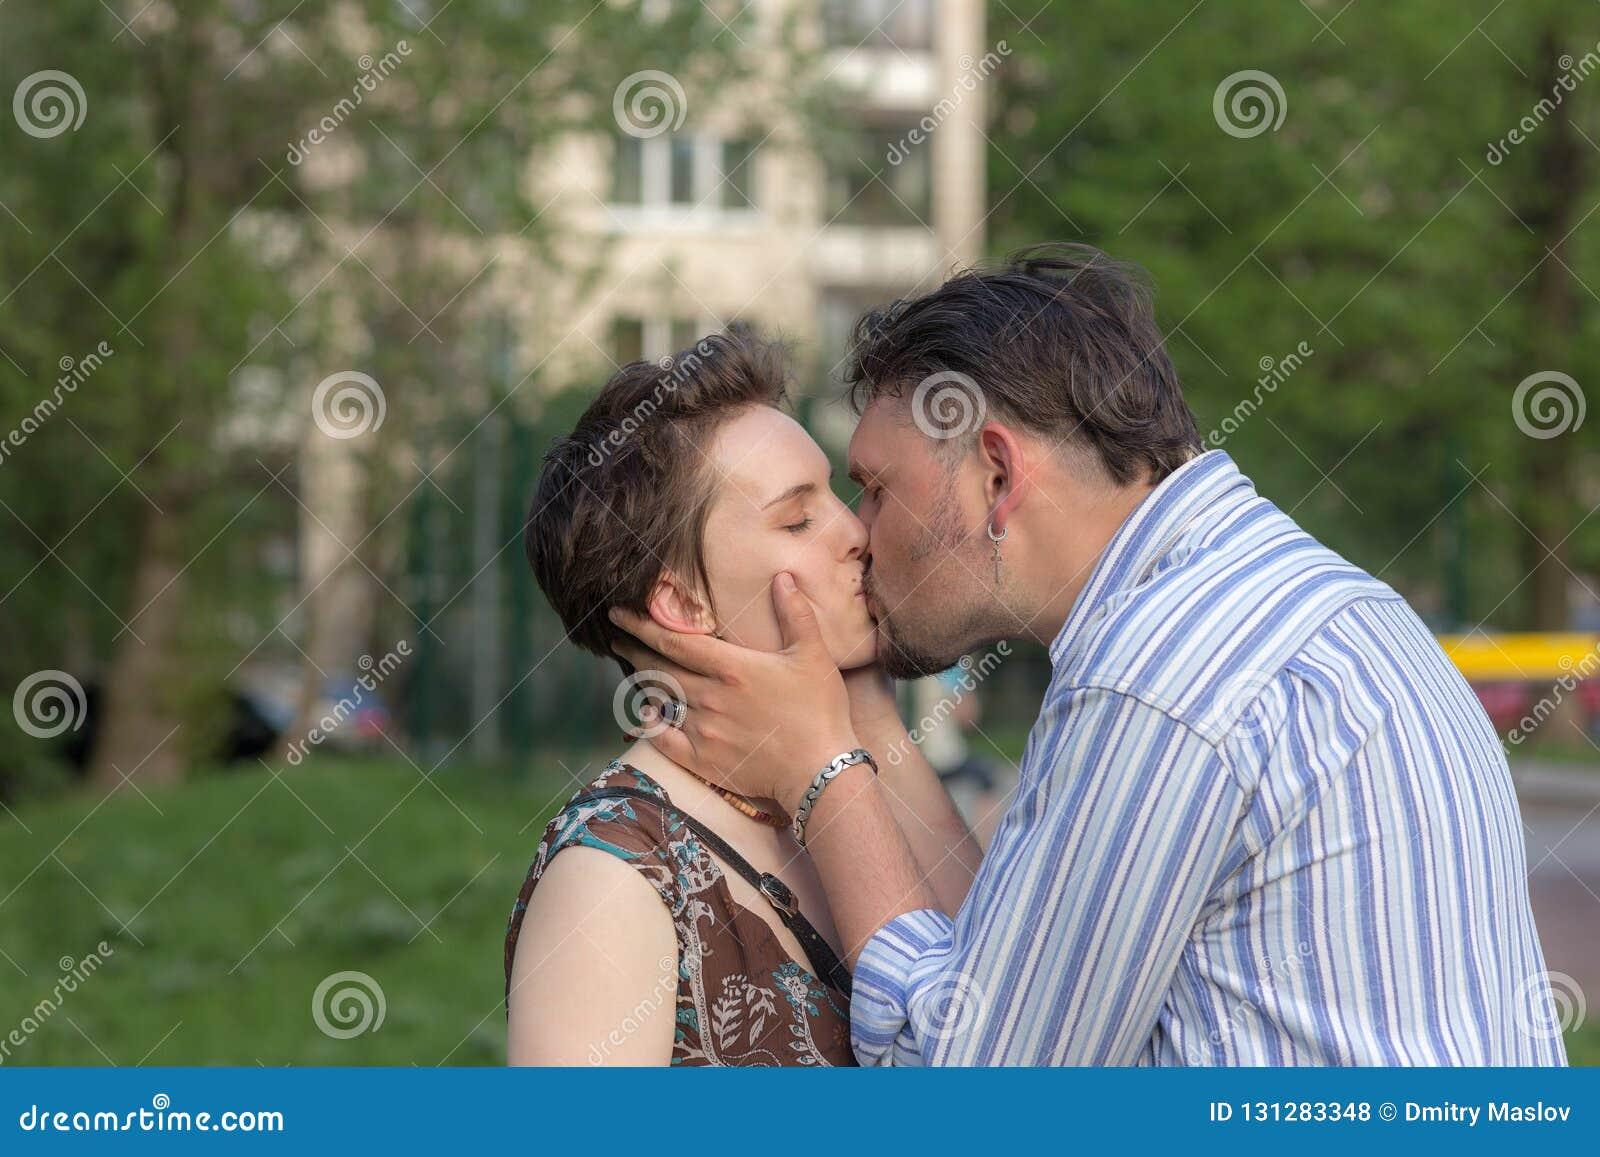 ιστοσελίδα γνωριμιών ονόματι έρωτας